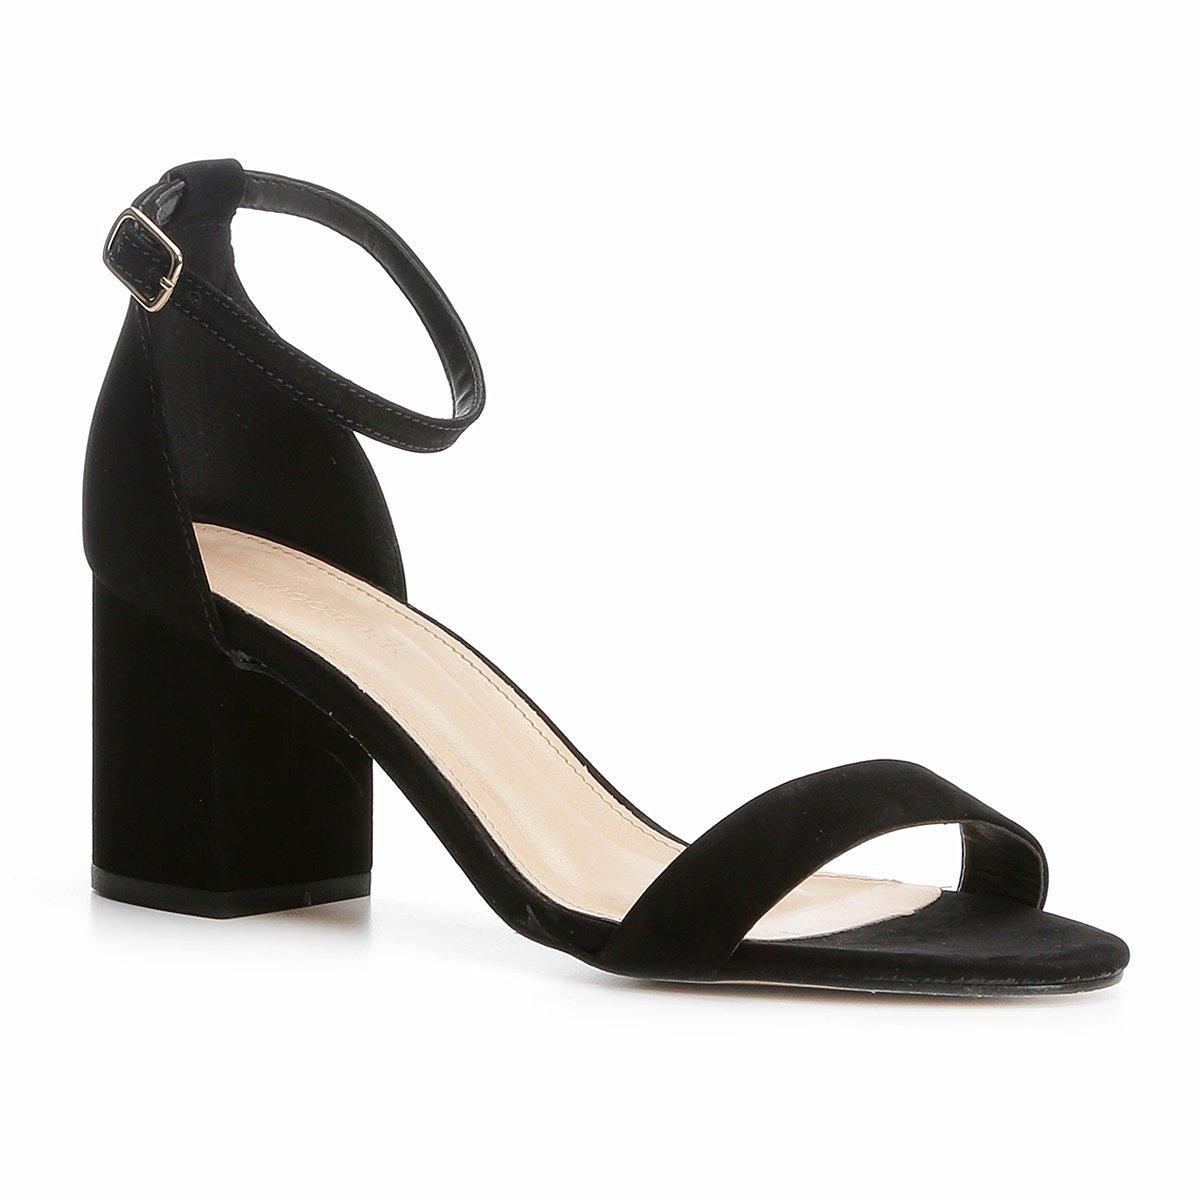 Shoestock Sandália Feminina Sandália Couro Couro Naked Preto Salto Grosso r11tqzn